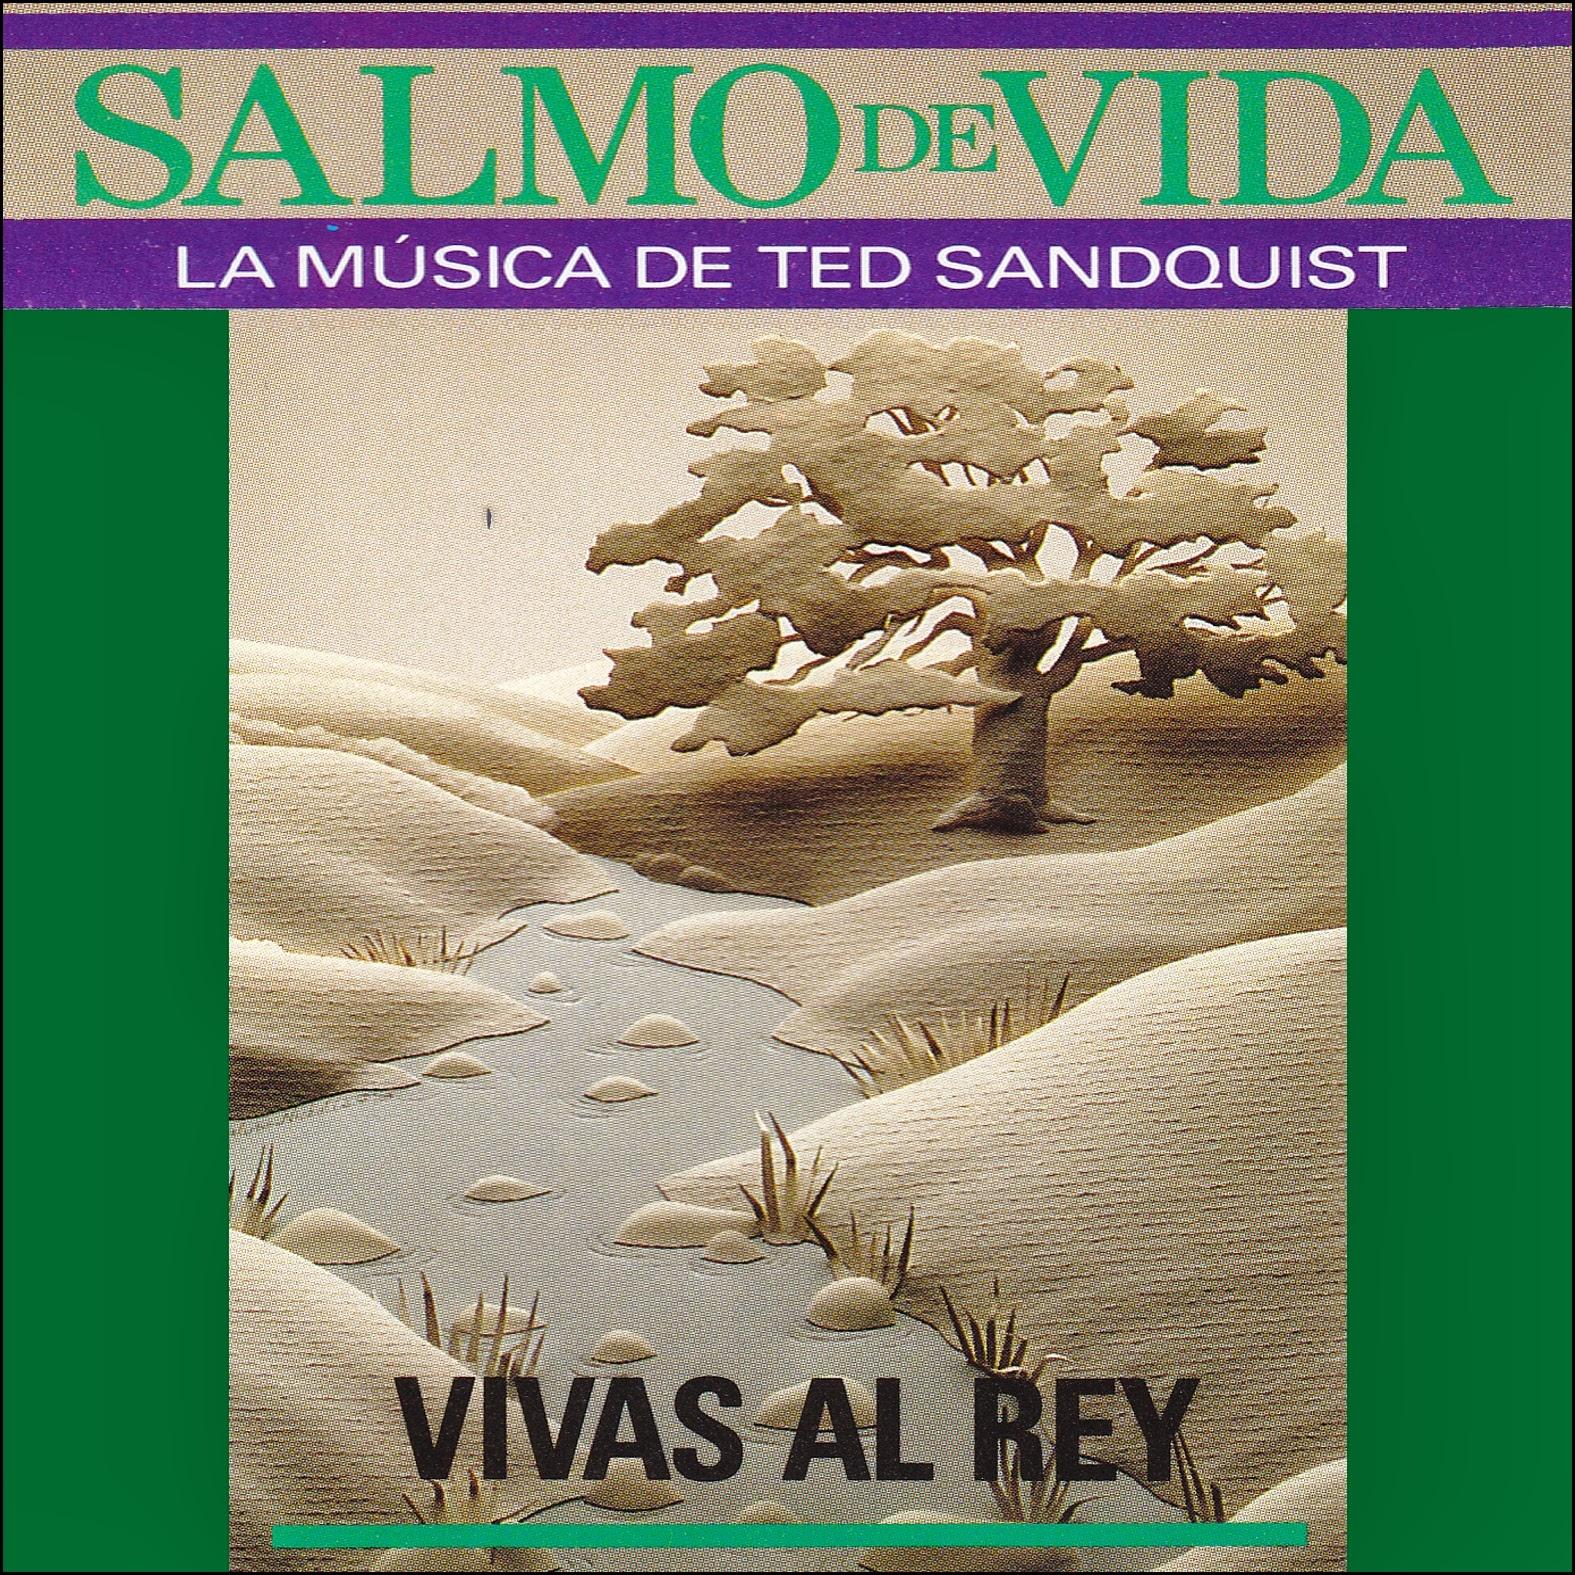 Salmo De Vida-Vol 3-Vivas Al Rey-